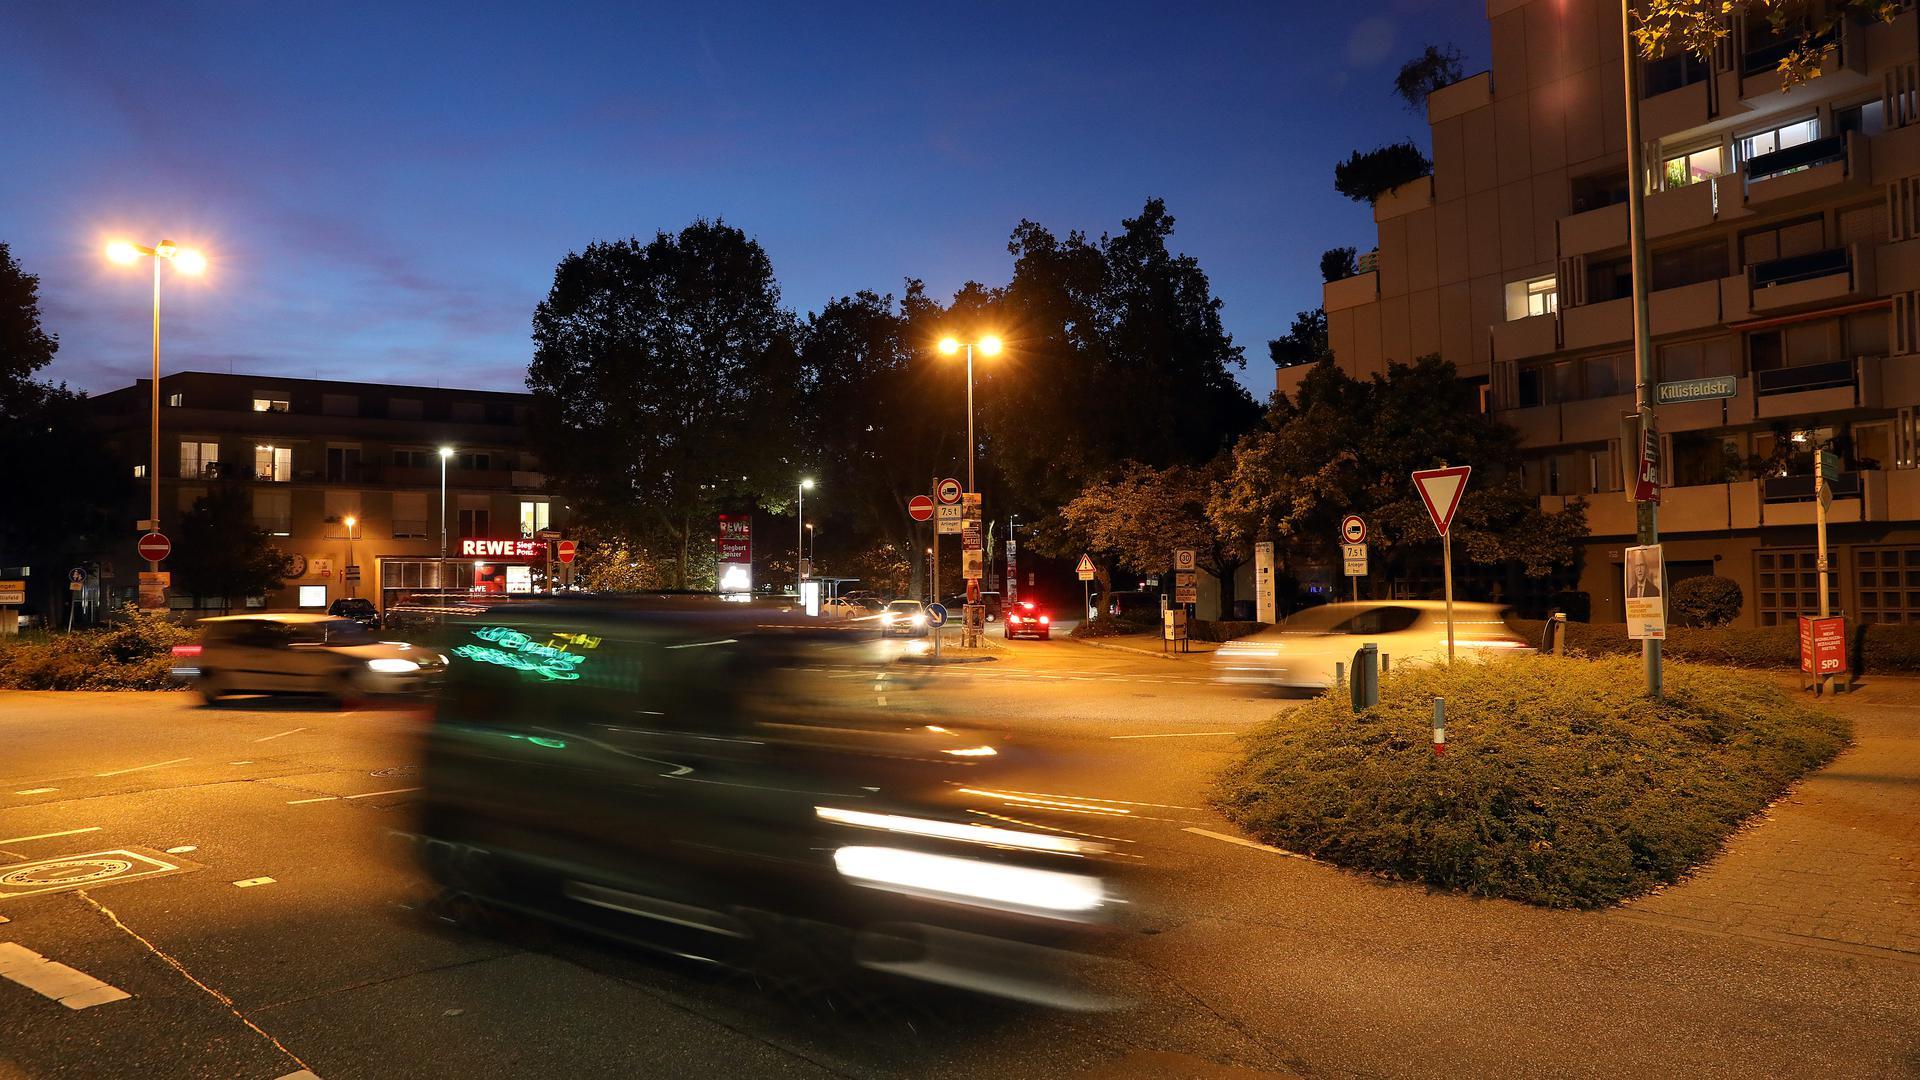 Fahndung: Nach der Vergewaltigung einer 27 Jahre alten Frau nahe der Kreuzung von Killisfeld- und Raiherwiesenstraße am westlichen Rand von Durlach bearbeitet die Polizei derzeit mehrere Zeugenhinweise.